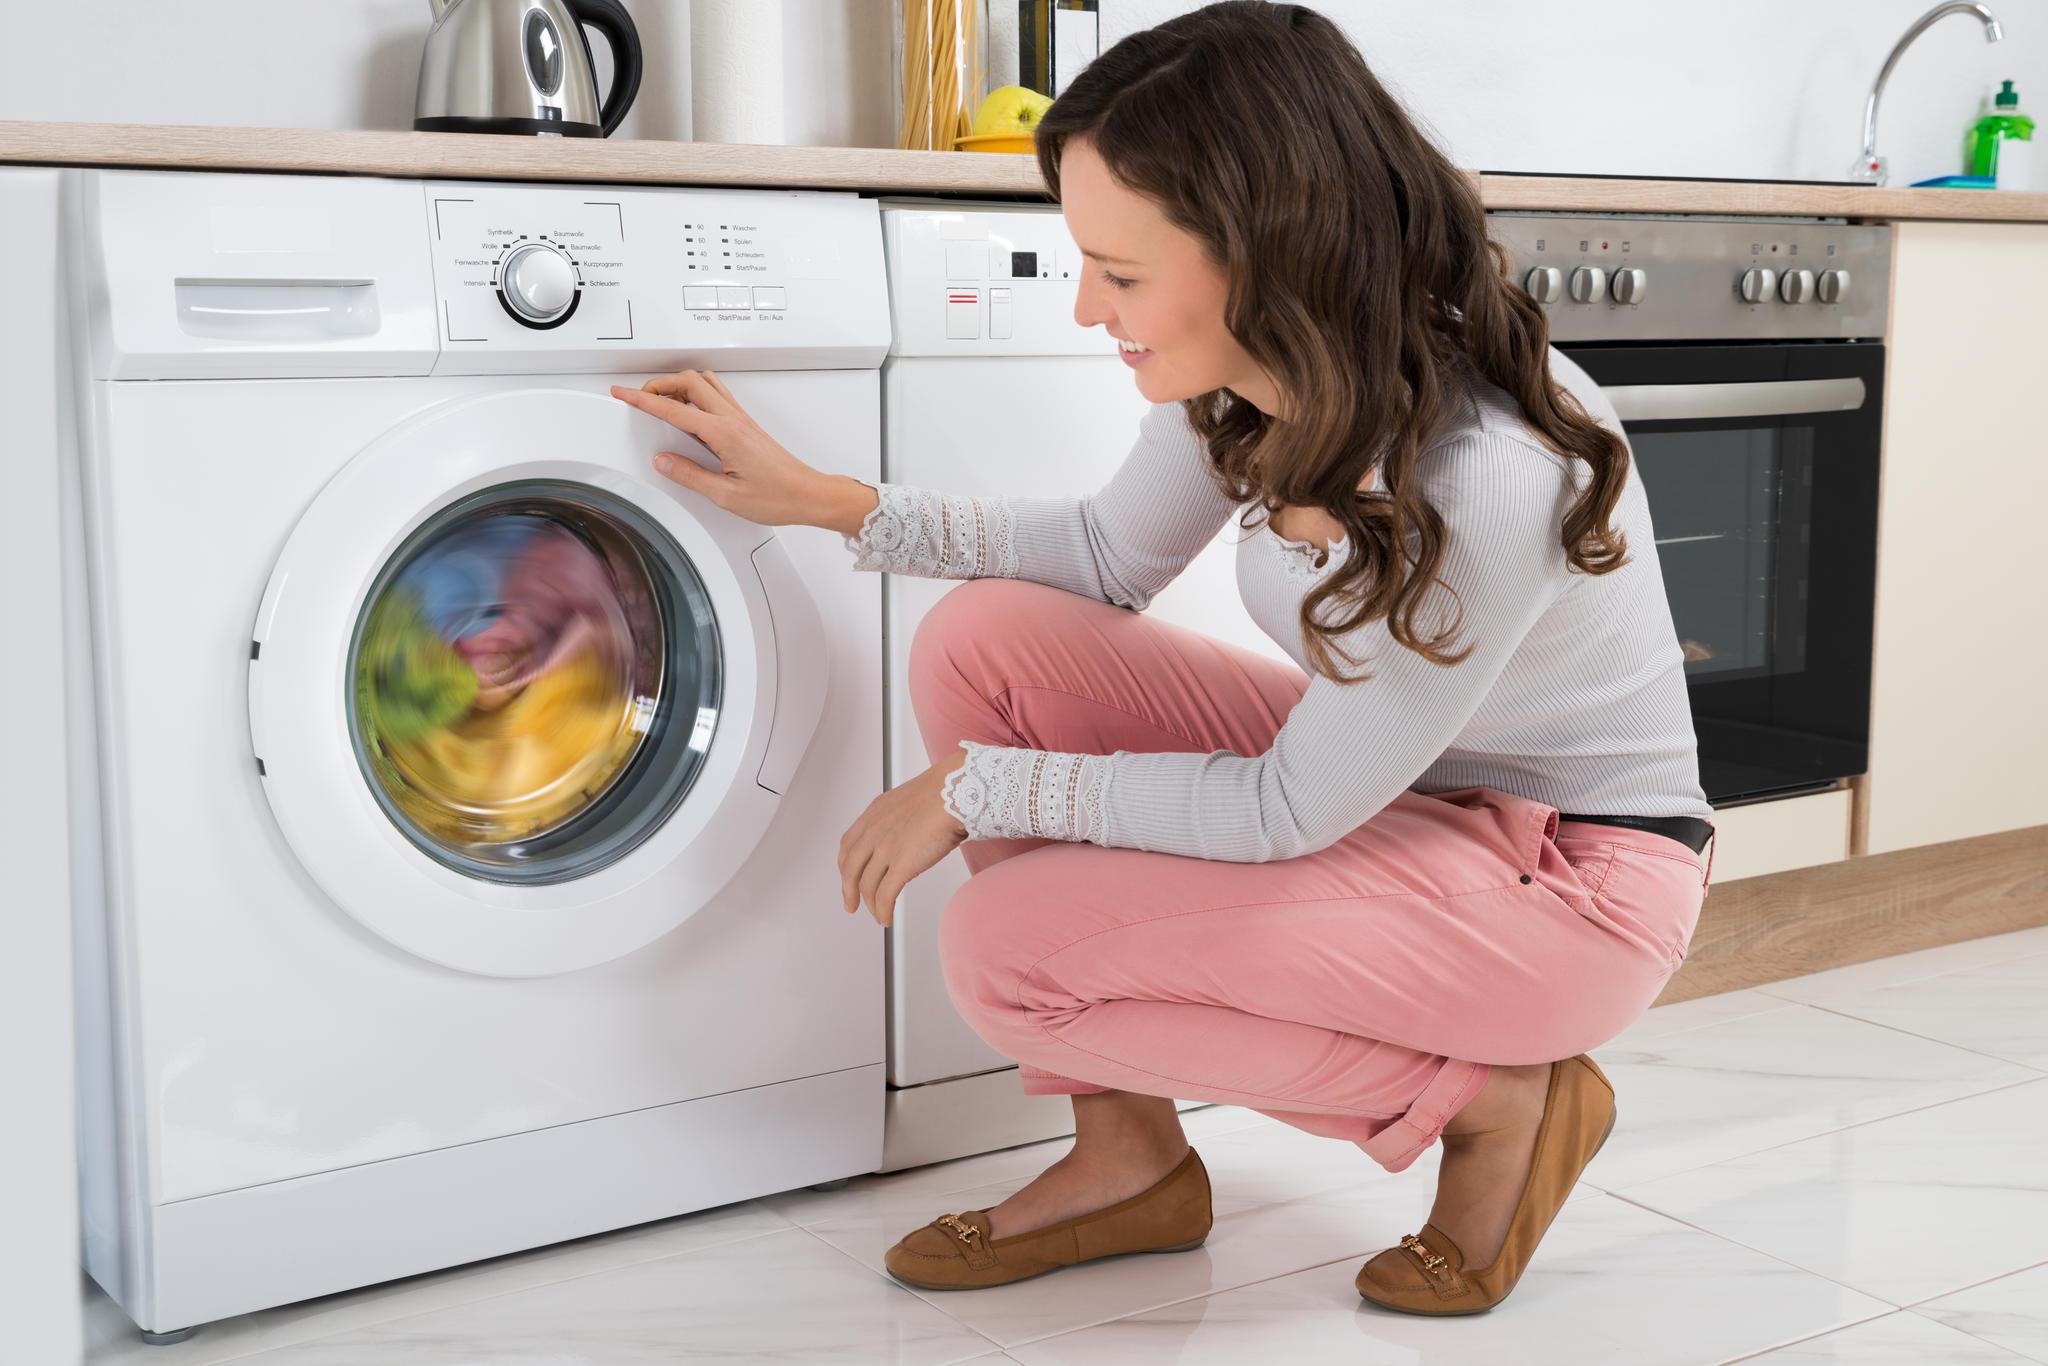 Warentest gute waschmaschinen gibt es auch für erstaunlich wenig